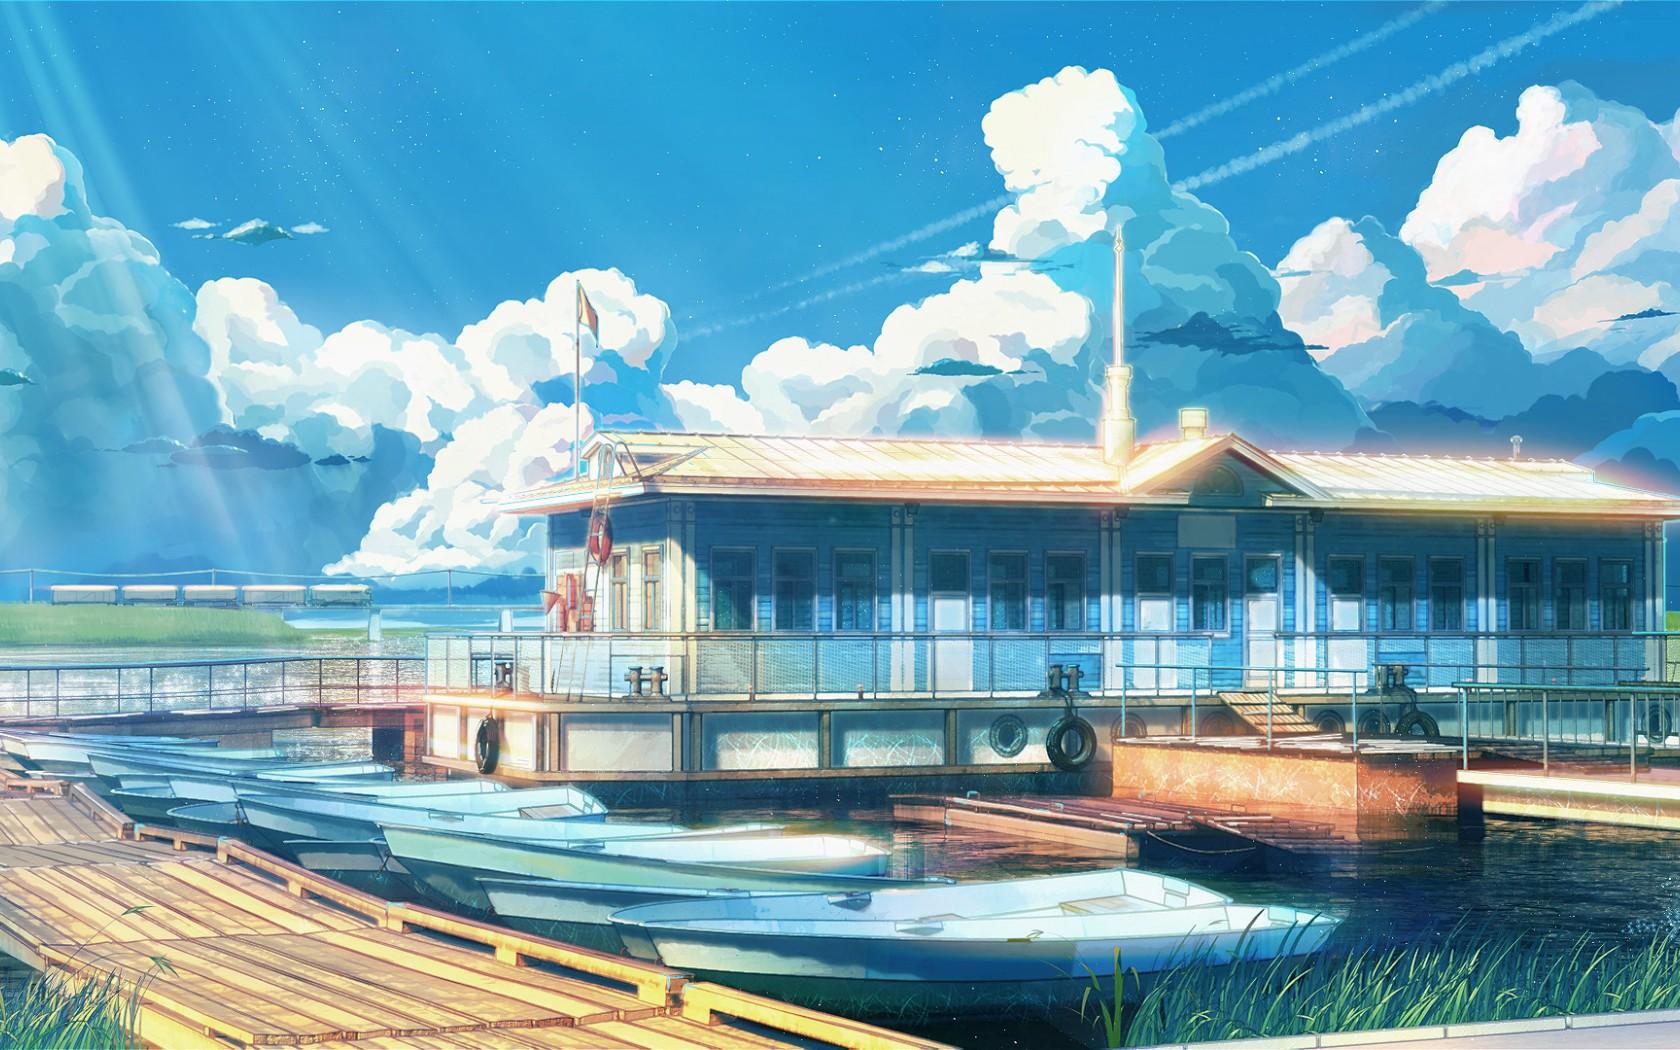 Anime Background Scenery Wallpaper For Desktop #272 Wallpaper